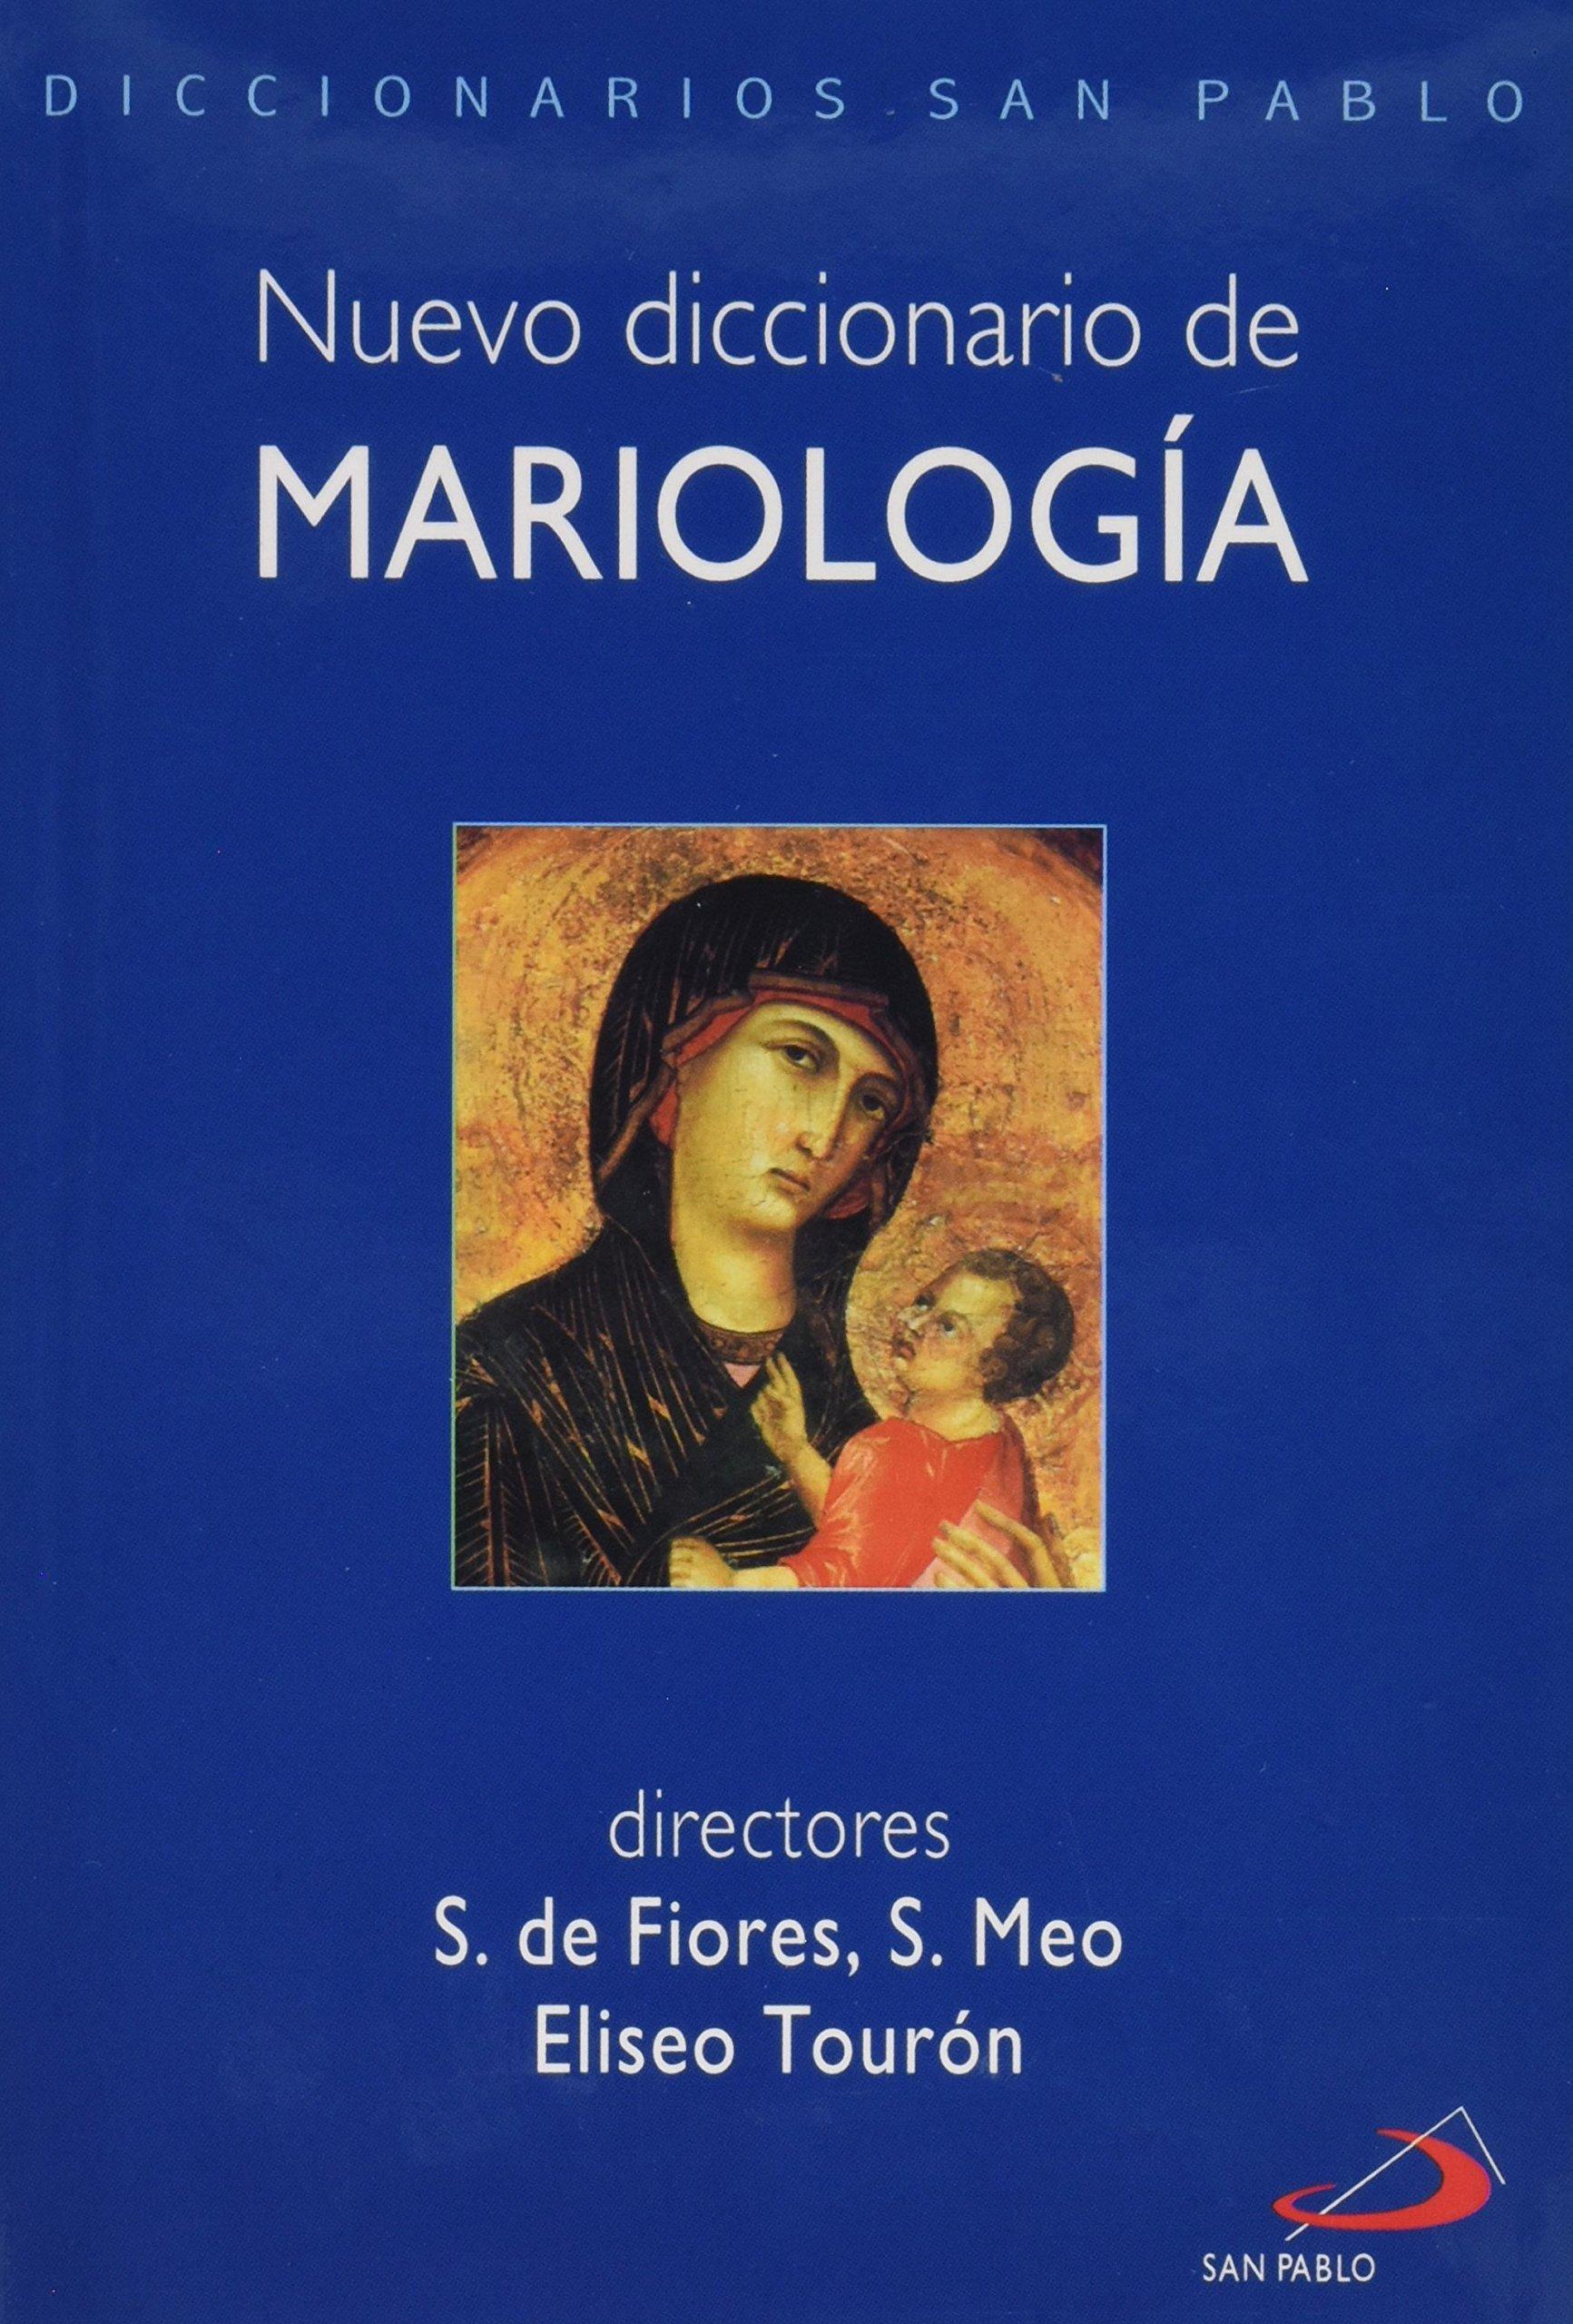 Resultado de imagen de Diccionario de Mariologìa, San Pablo